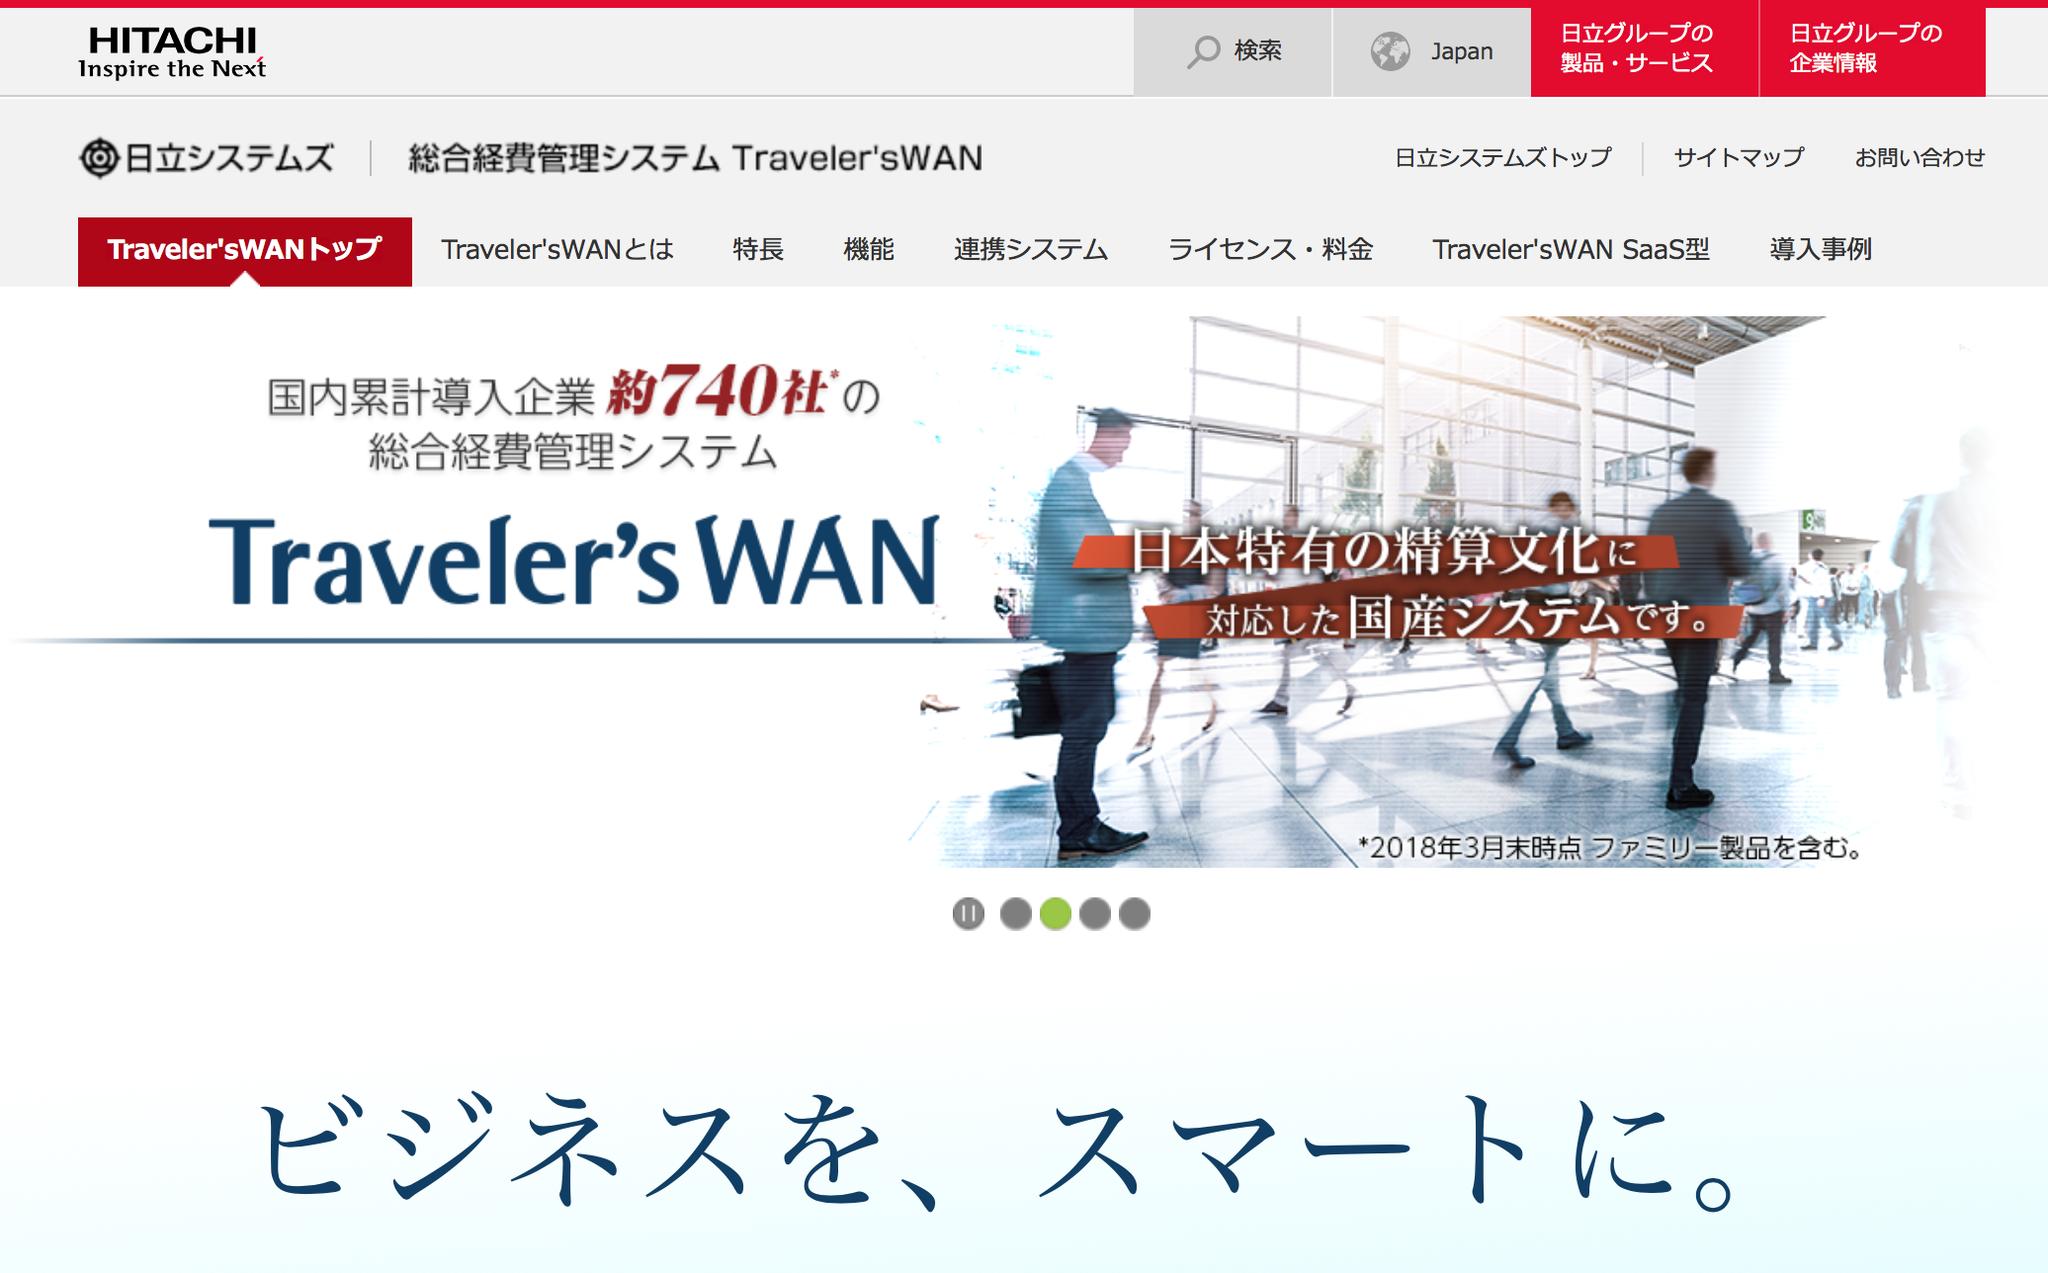 img_Traveler'sWAN_keihi.png